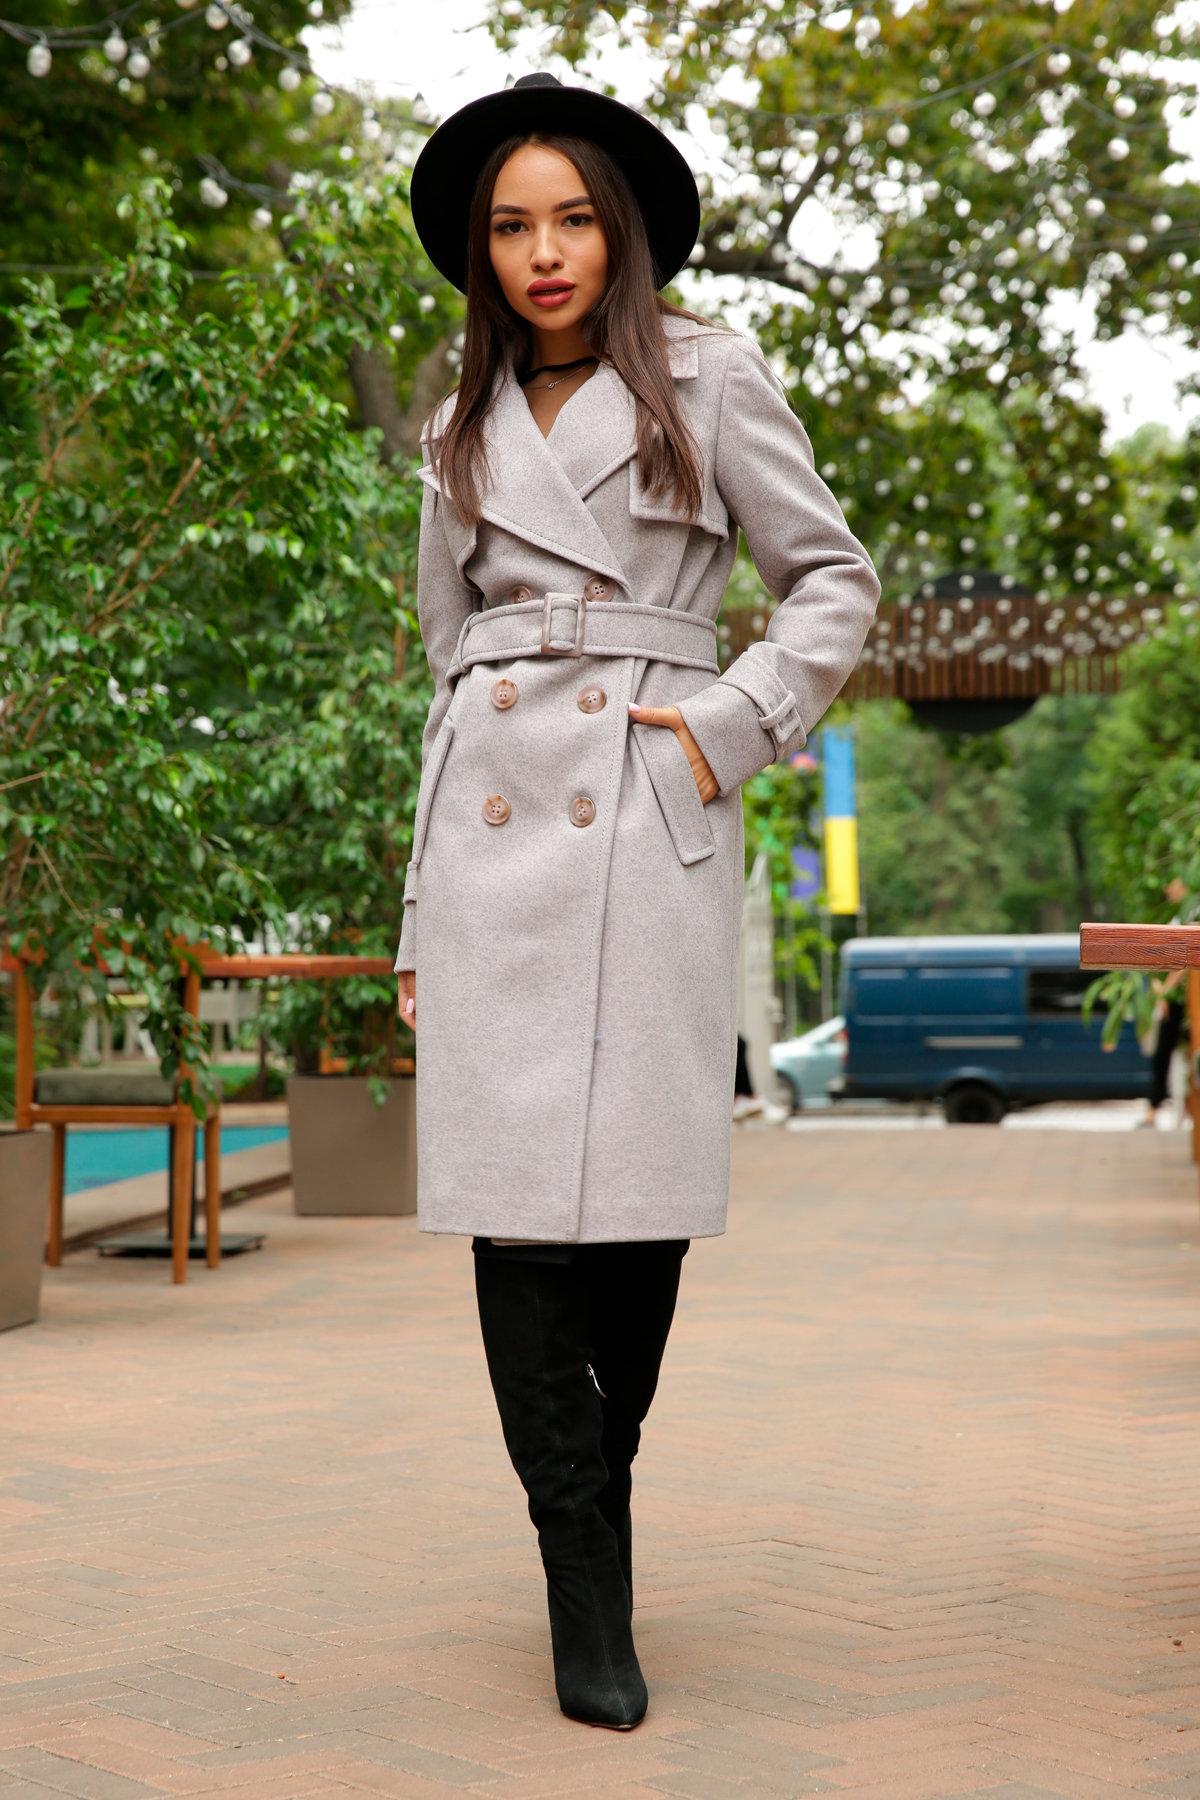 Двубортное пальто демисезон Монте 8089 АРТ. 44031 Цвет: Серый-розовый - фото 11, интернет магазин tm-modus.ru